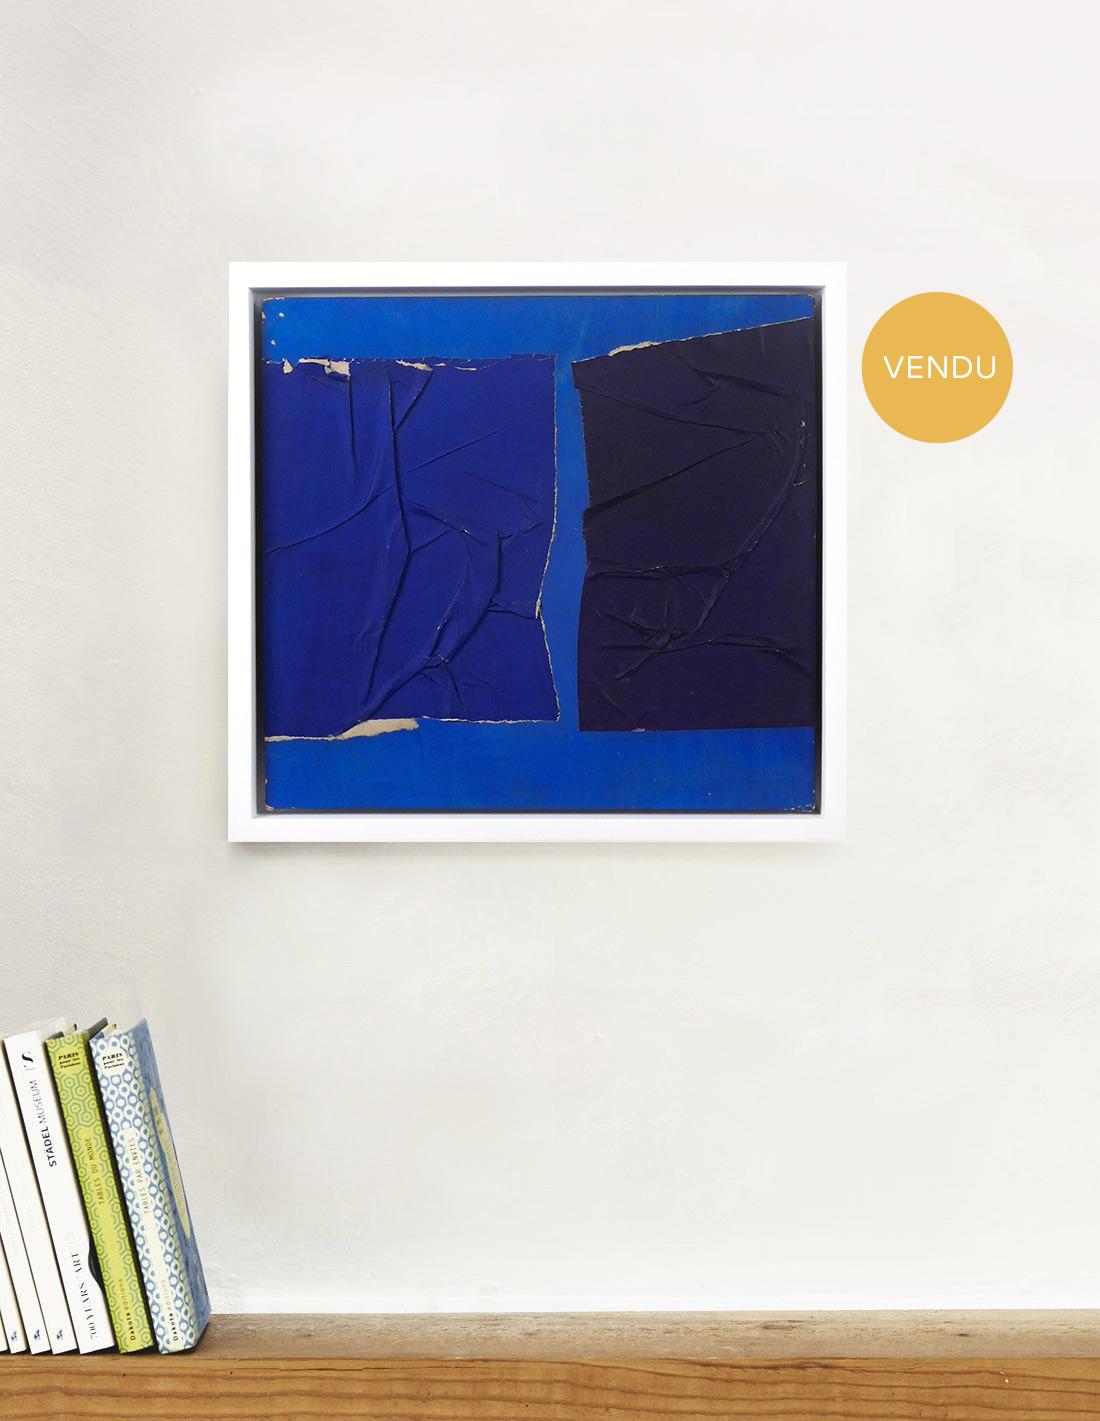 325x305-cm-Papiers-froissés-bleus-vendu